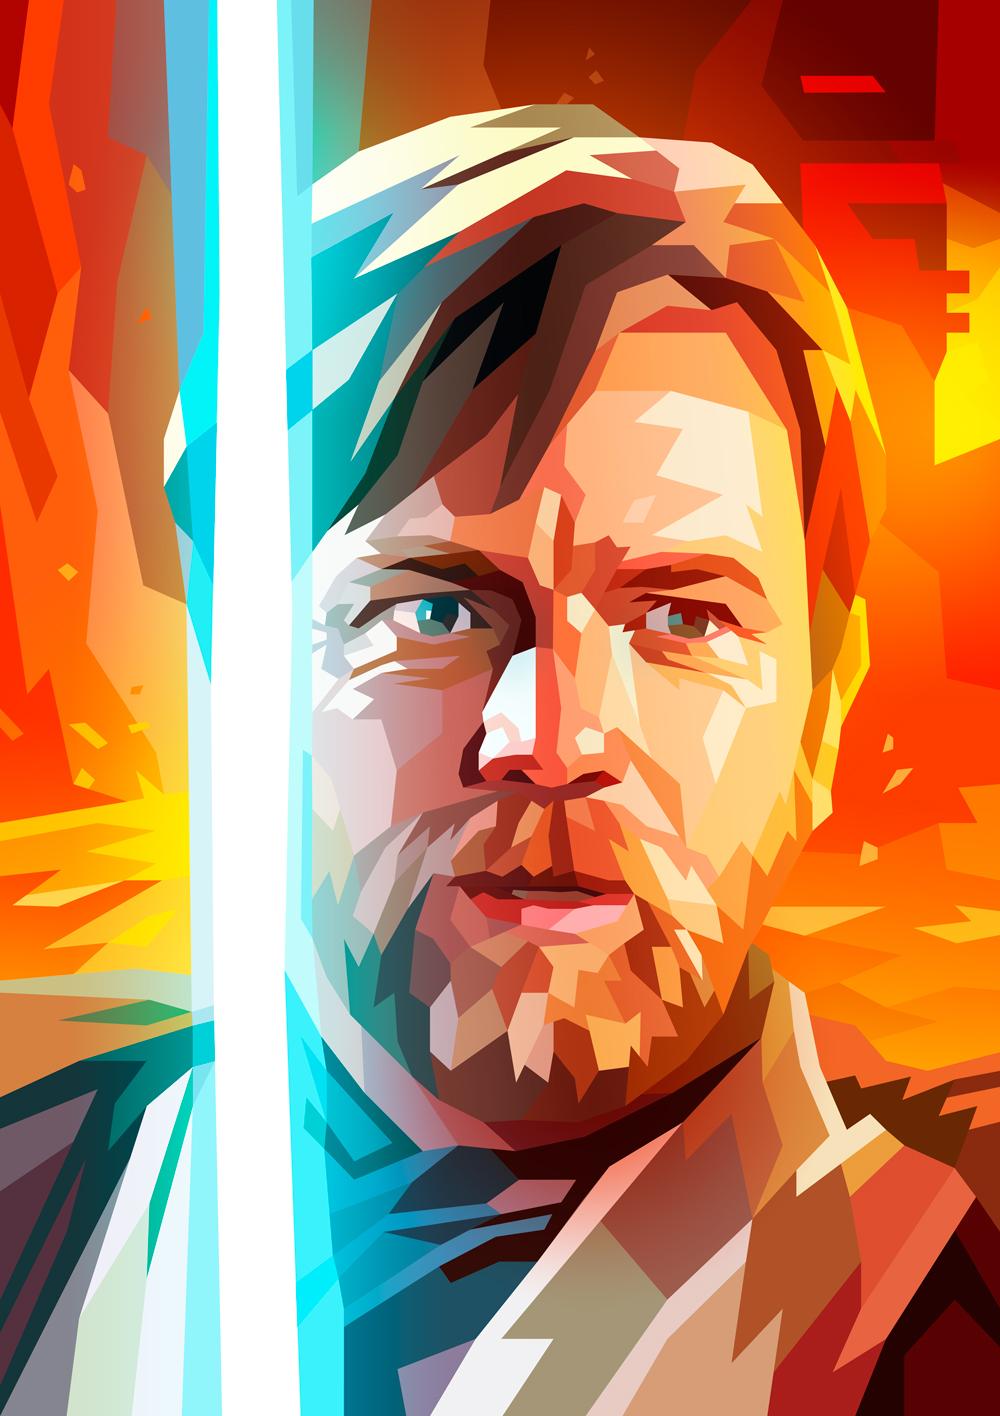 Obi-wan-Kenobi-web.jpg